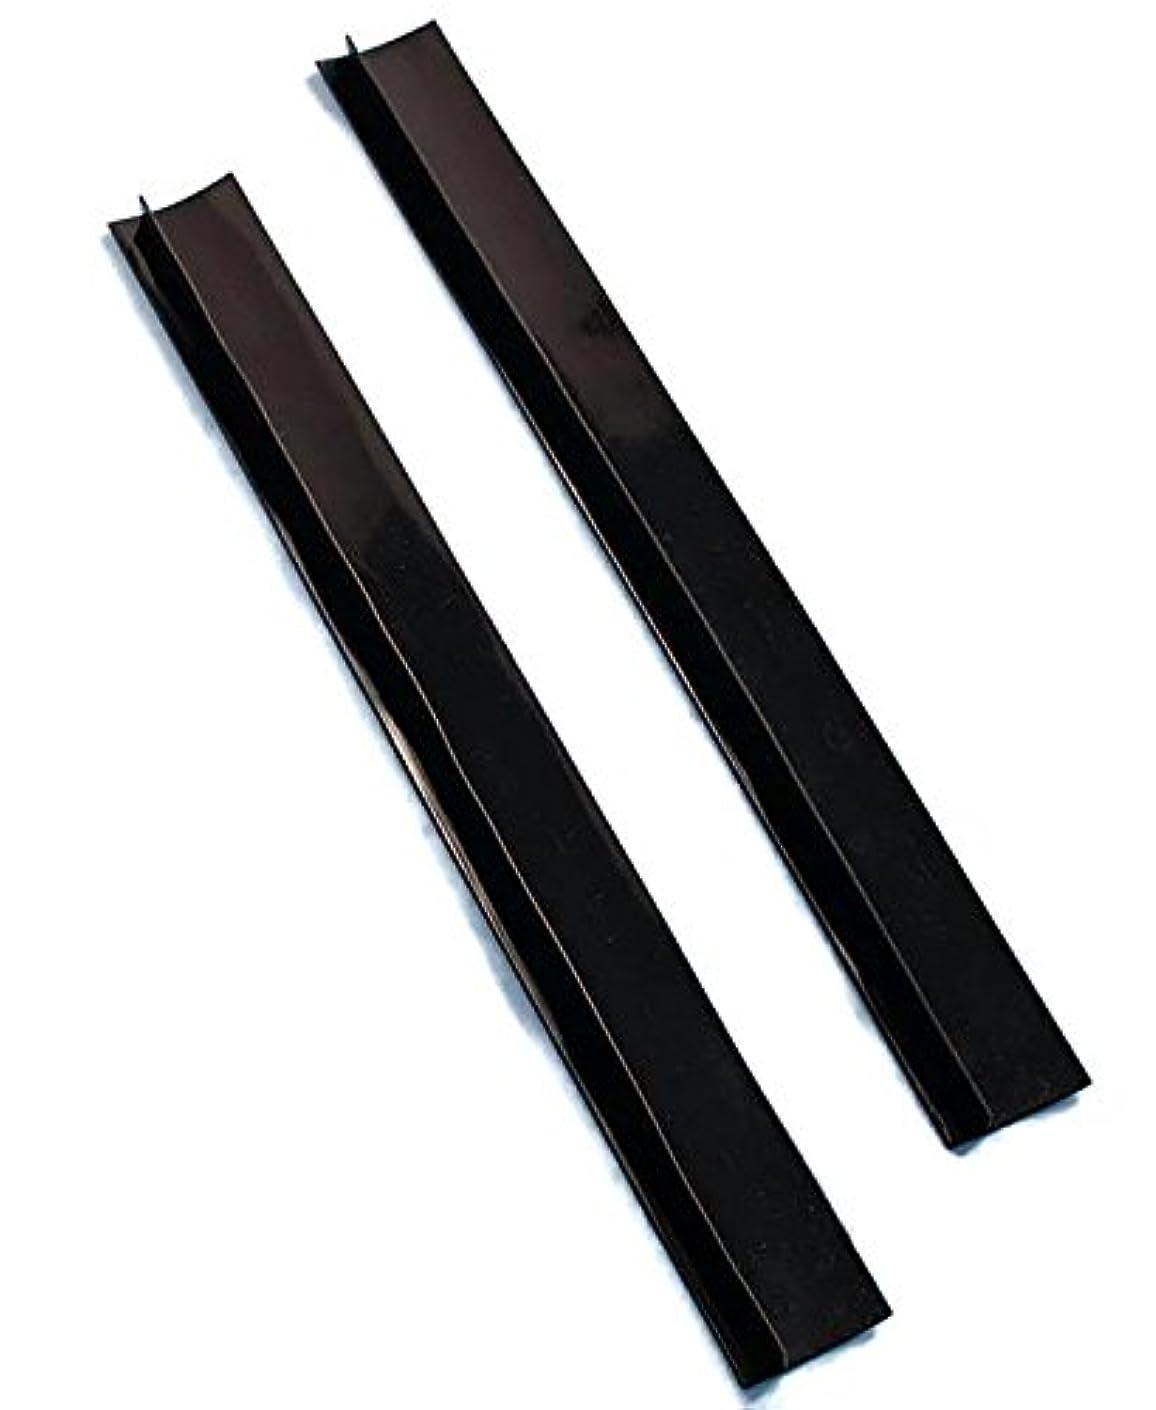 お香エジプト人チューリップSet of 2 Black Silicone Counter Gap Covers by LTD Commodities